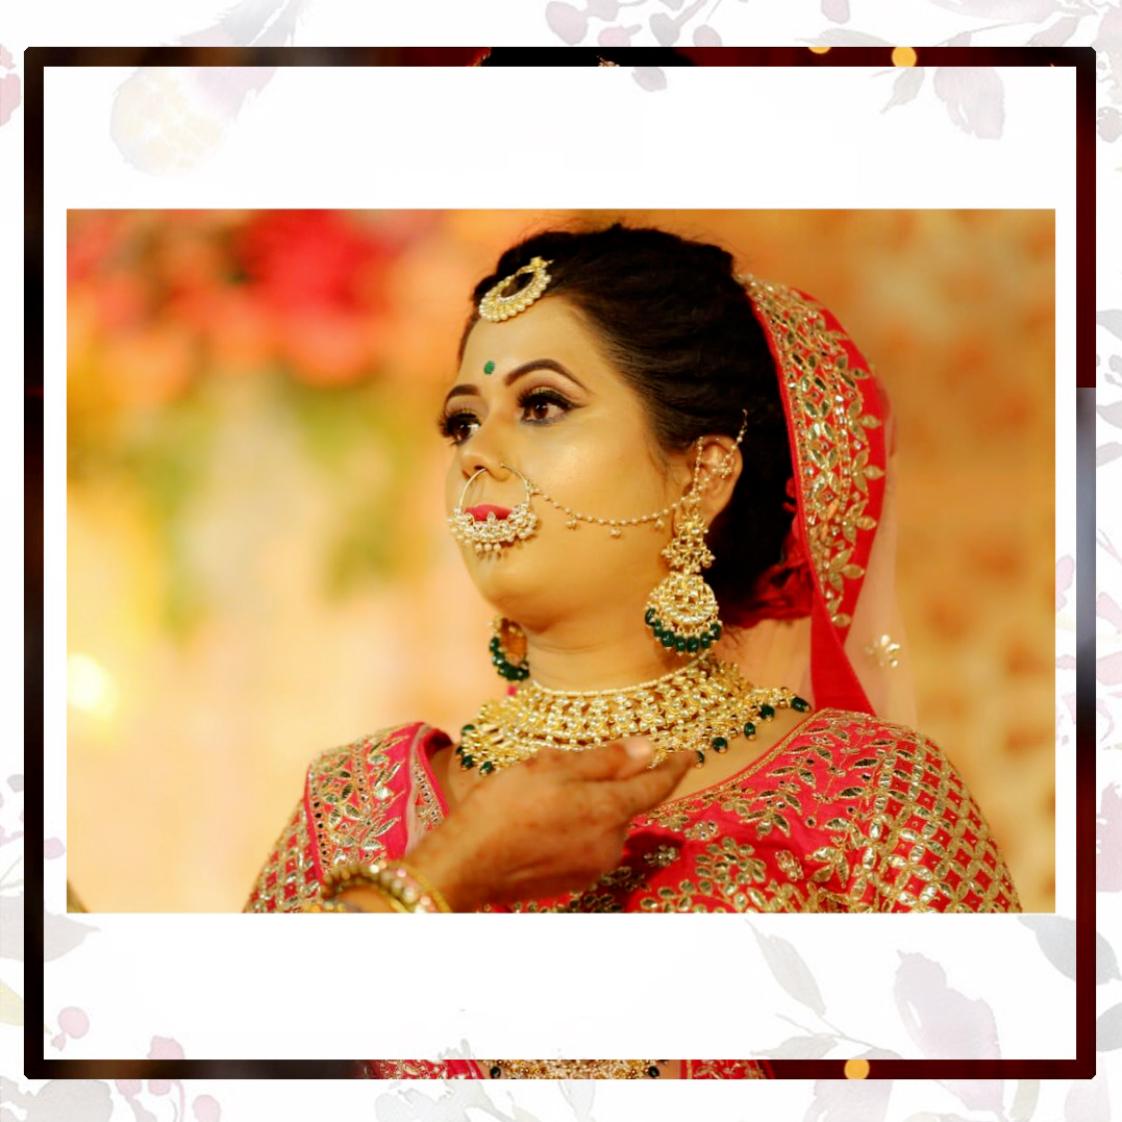 manisha-choudhary-makeup-artist-jaipur